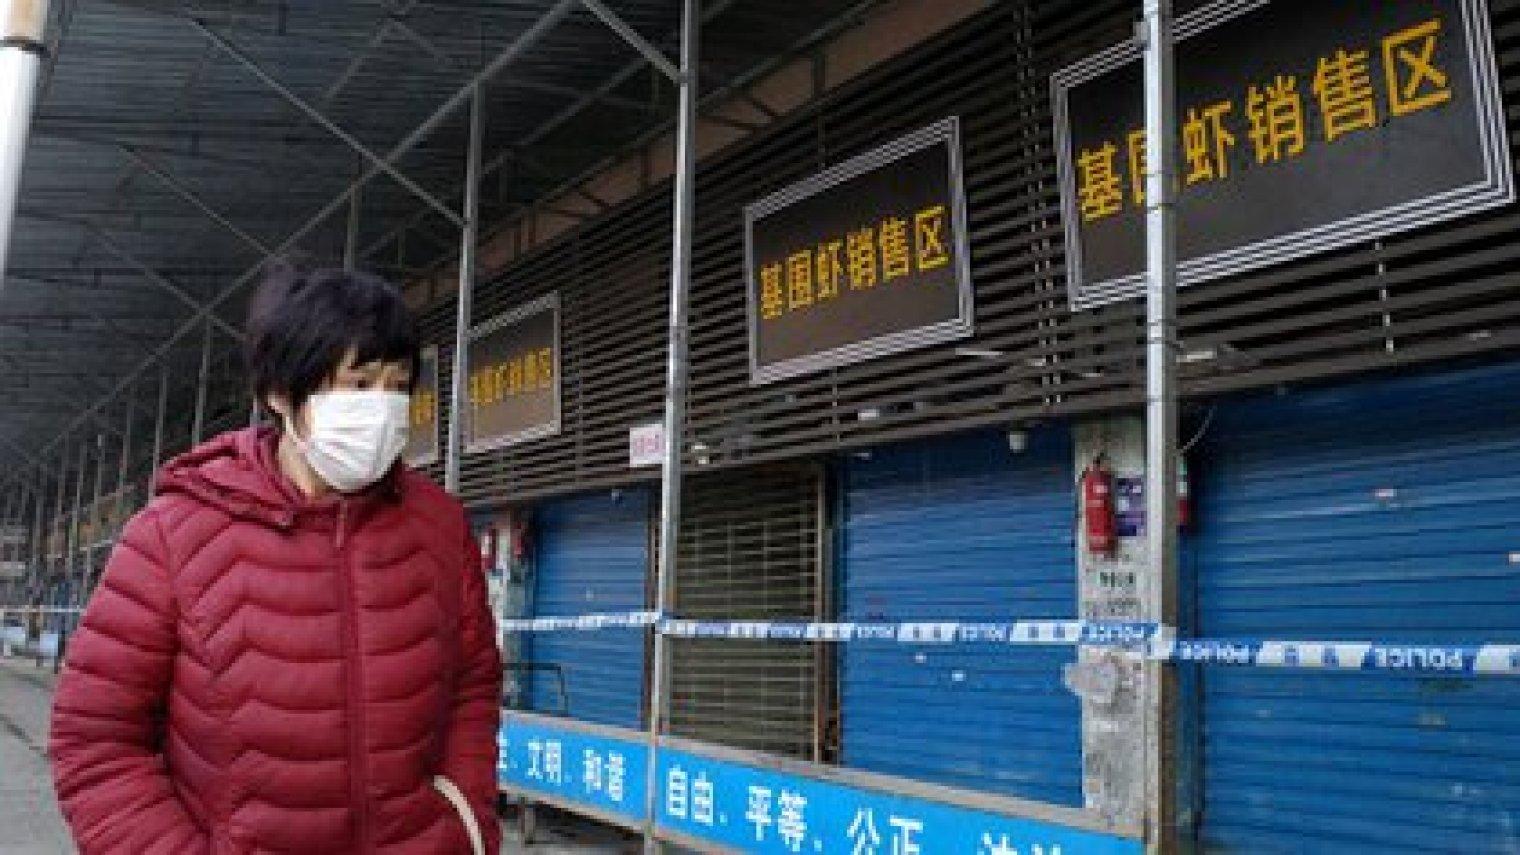 El mercado húmedo de Huanan, en Wuhan, donde se detectaron restos de coronavirus, en enero último (AFP)